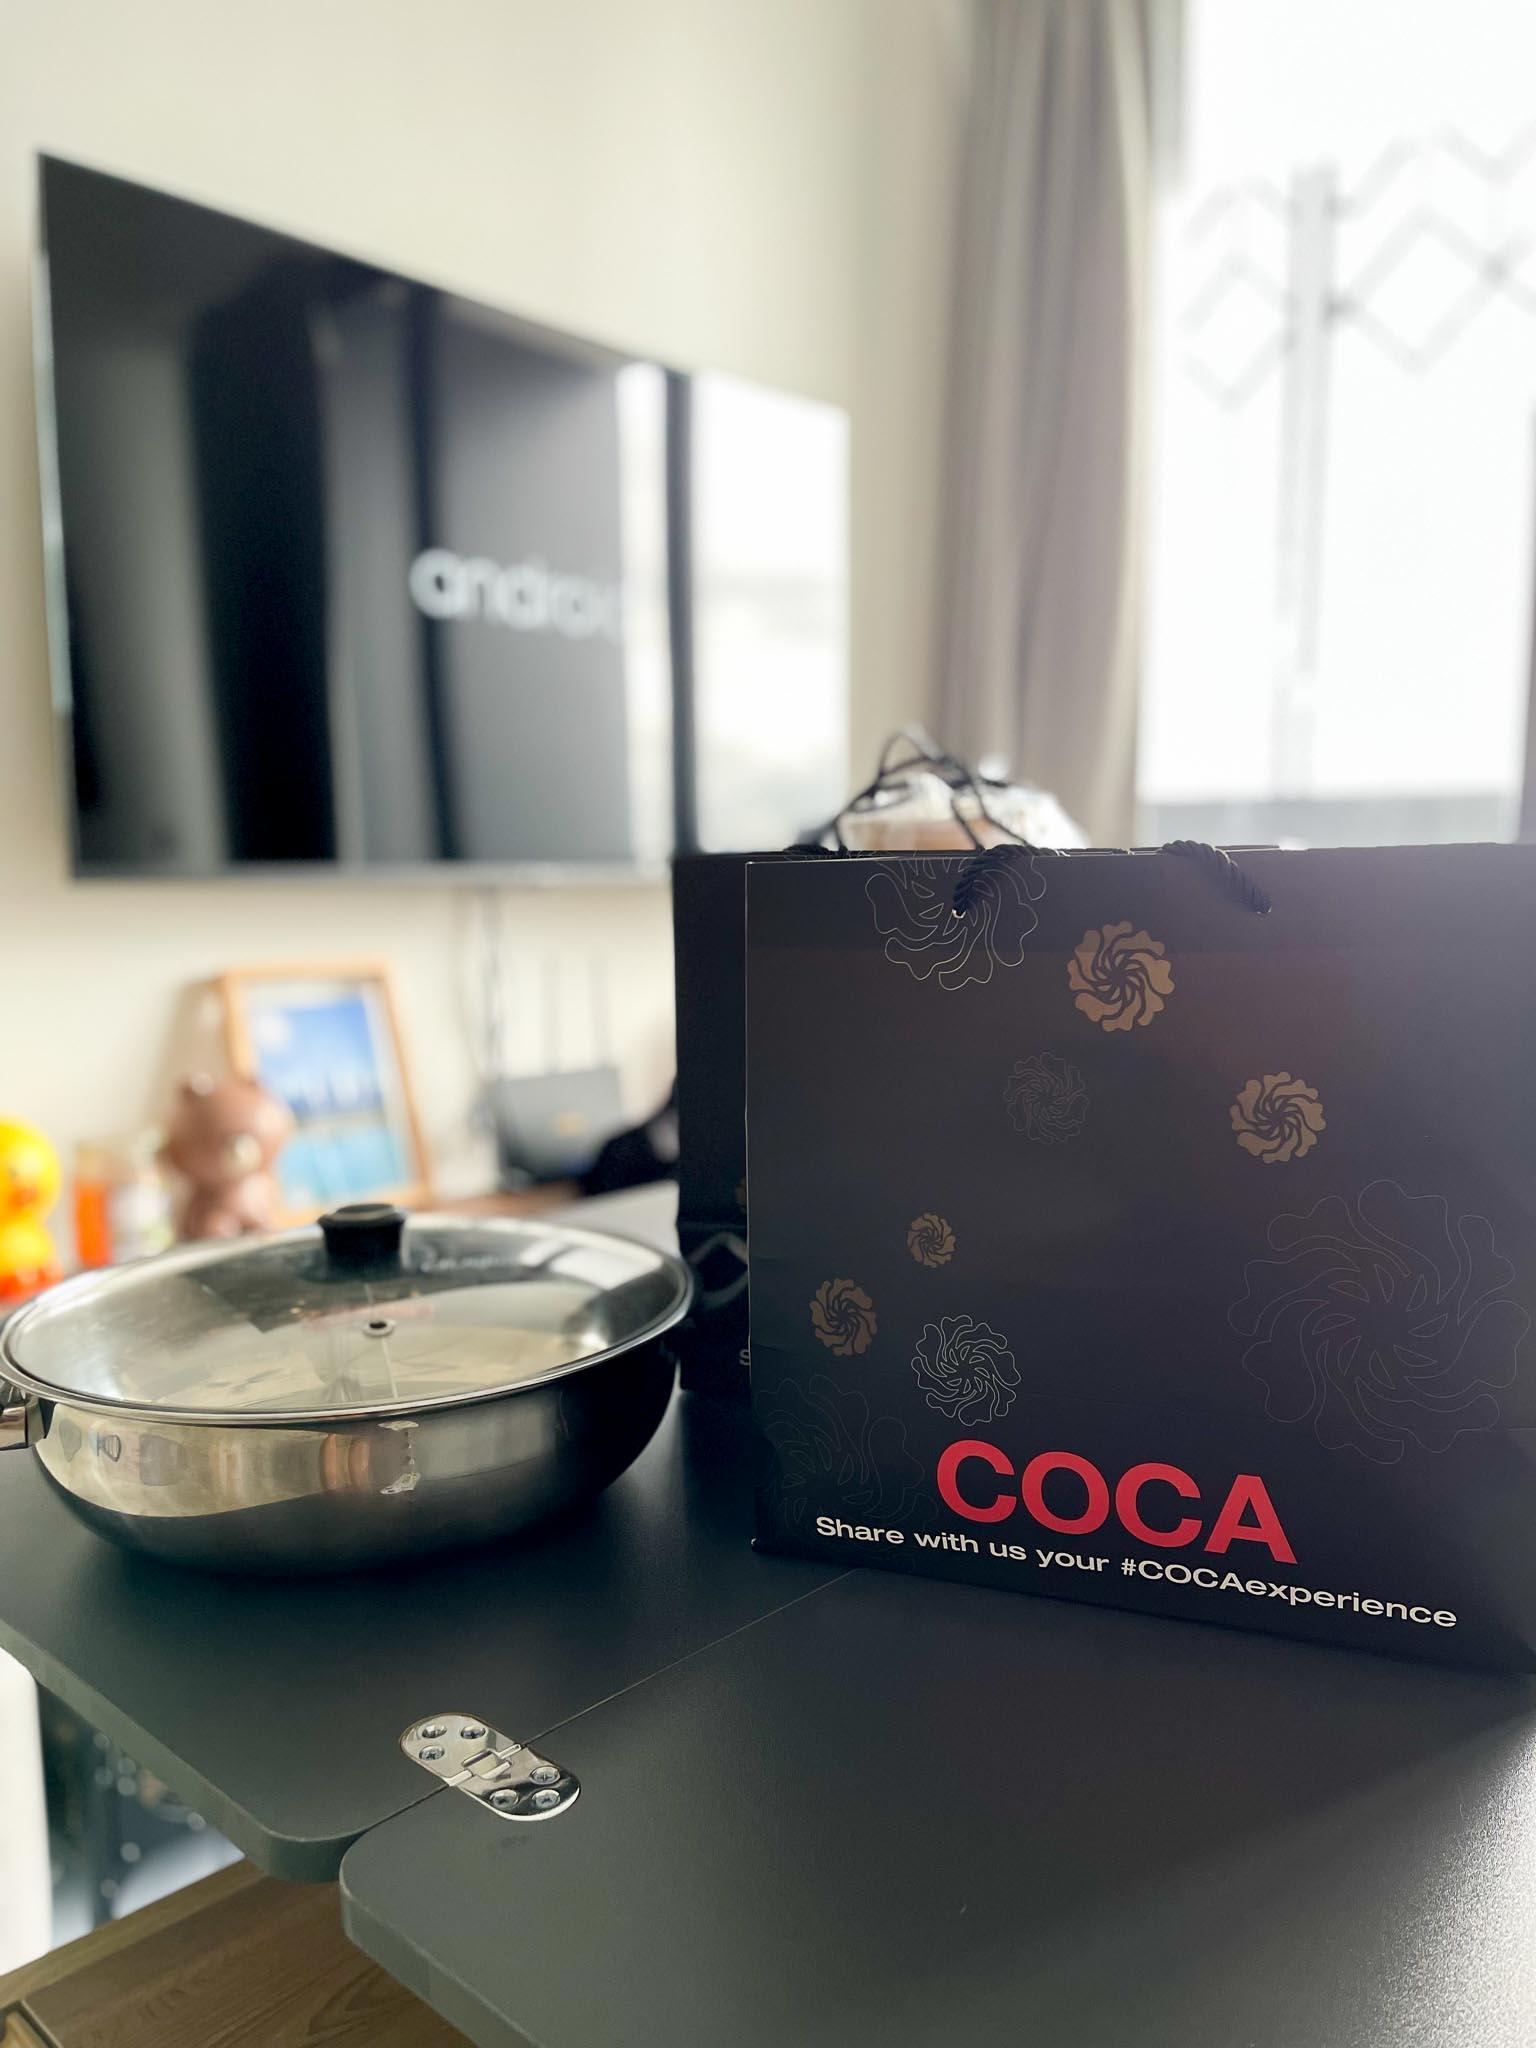 COCA-Steamboat-Delivery-darrenbloggie